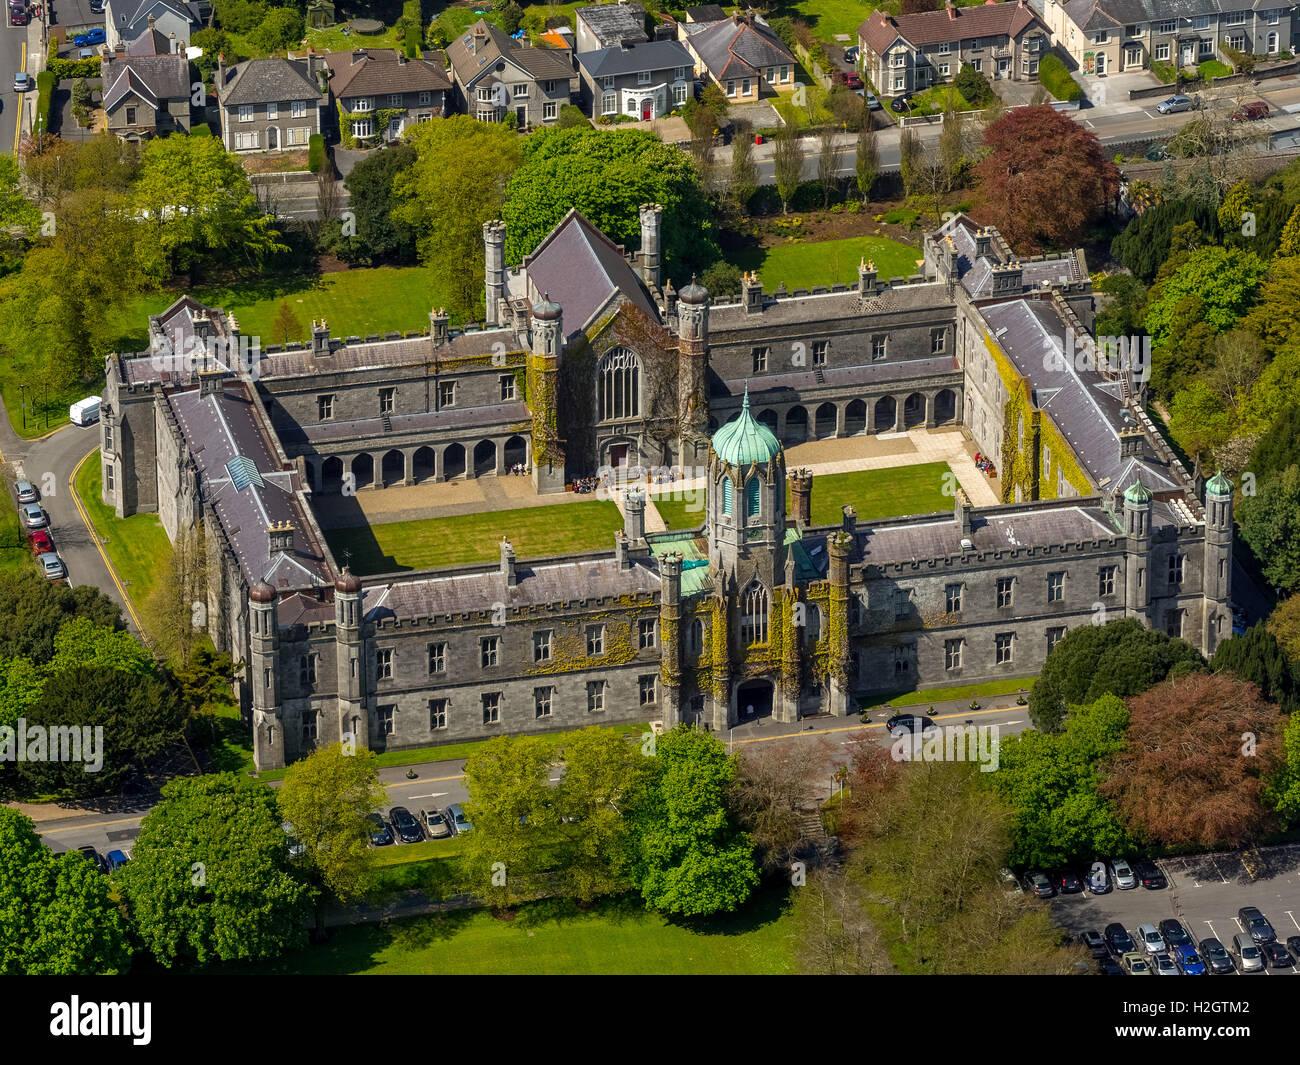 National University of Ireland, NUI, quadrangle, Galway, County Clare, Ireland - Stock Image